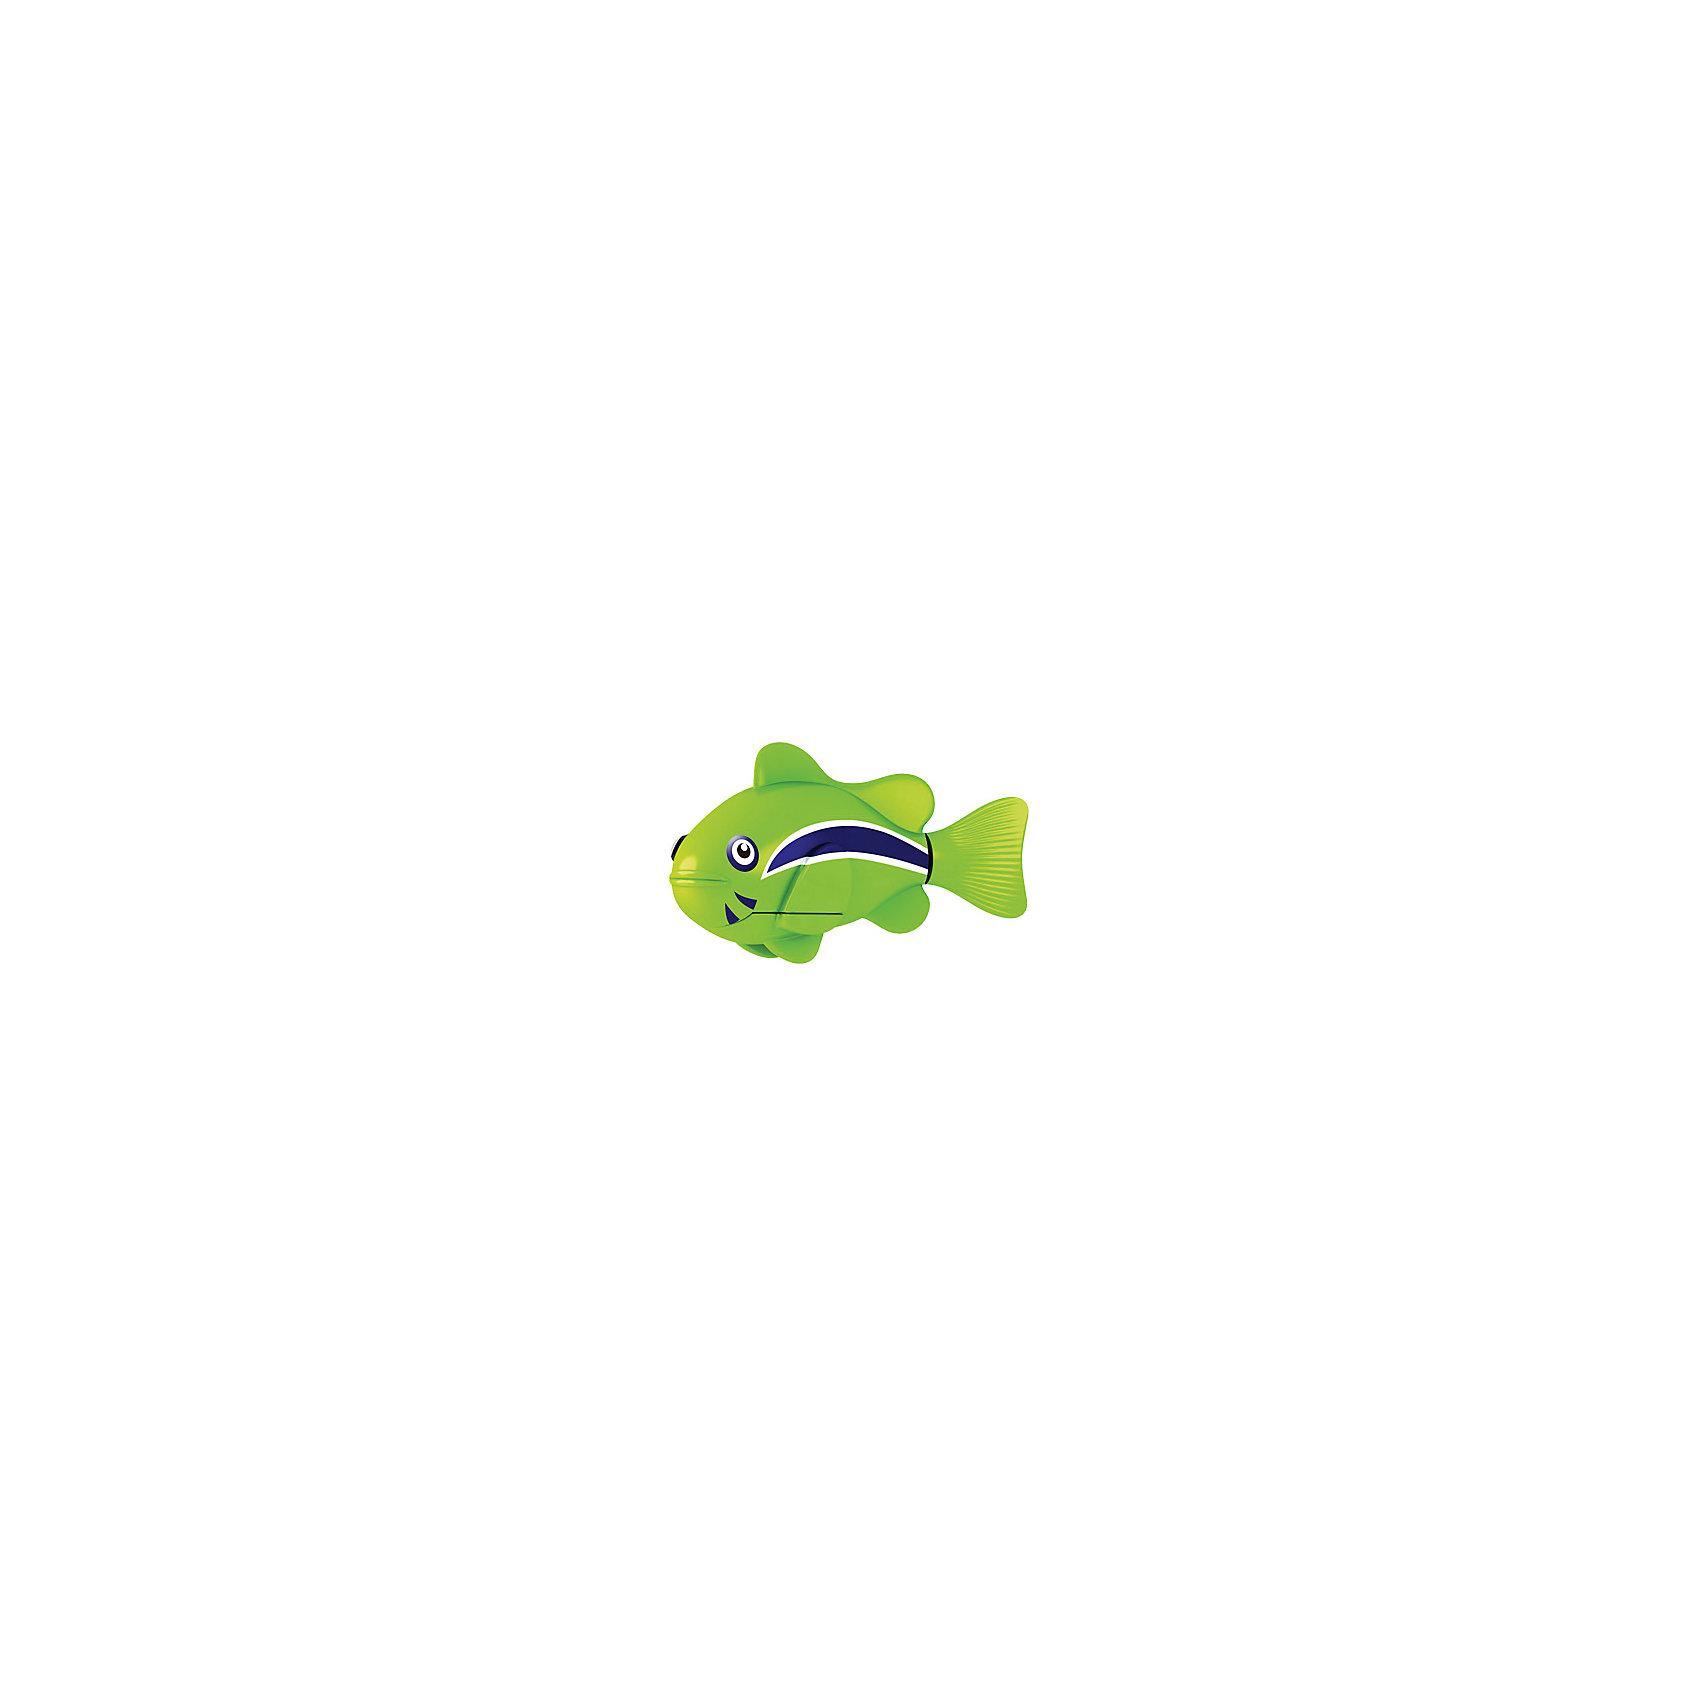 РобоРыбка Клоун зеленая, RoboFishРоборыбки<br>Зеленая Рыбка клоун при погружении в аквариум или другою емкостью с водой РобоРыбка начинает плавать – опускаясь ко дну и поднимаясь к поверхности воды. Игрушка работает от двух алкалиновых батареек А76 или RL44, которые входят в комплект (две установлены в игрушку и 2 запасные)<br><br>Ширина мм: 435<br>Глубина мм: 405<br>Высота мм: 240<br>Вес г: 216<br>Возраст от месяцев: 60<br>Возраст до месяцев: 144<br>Пол: Унисекс<br>Возраст: Детский<br>SKU: 2999503